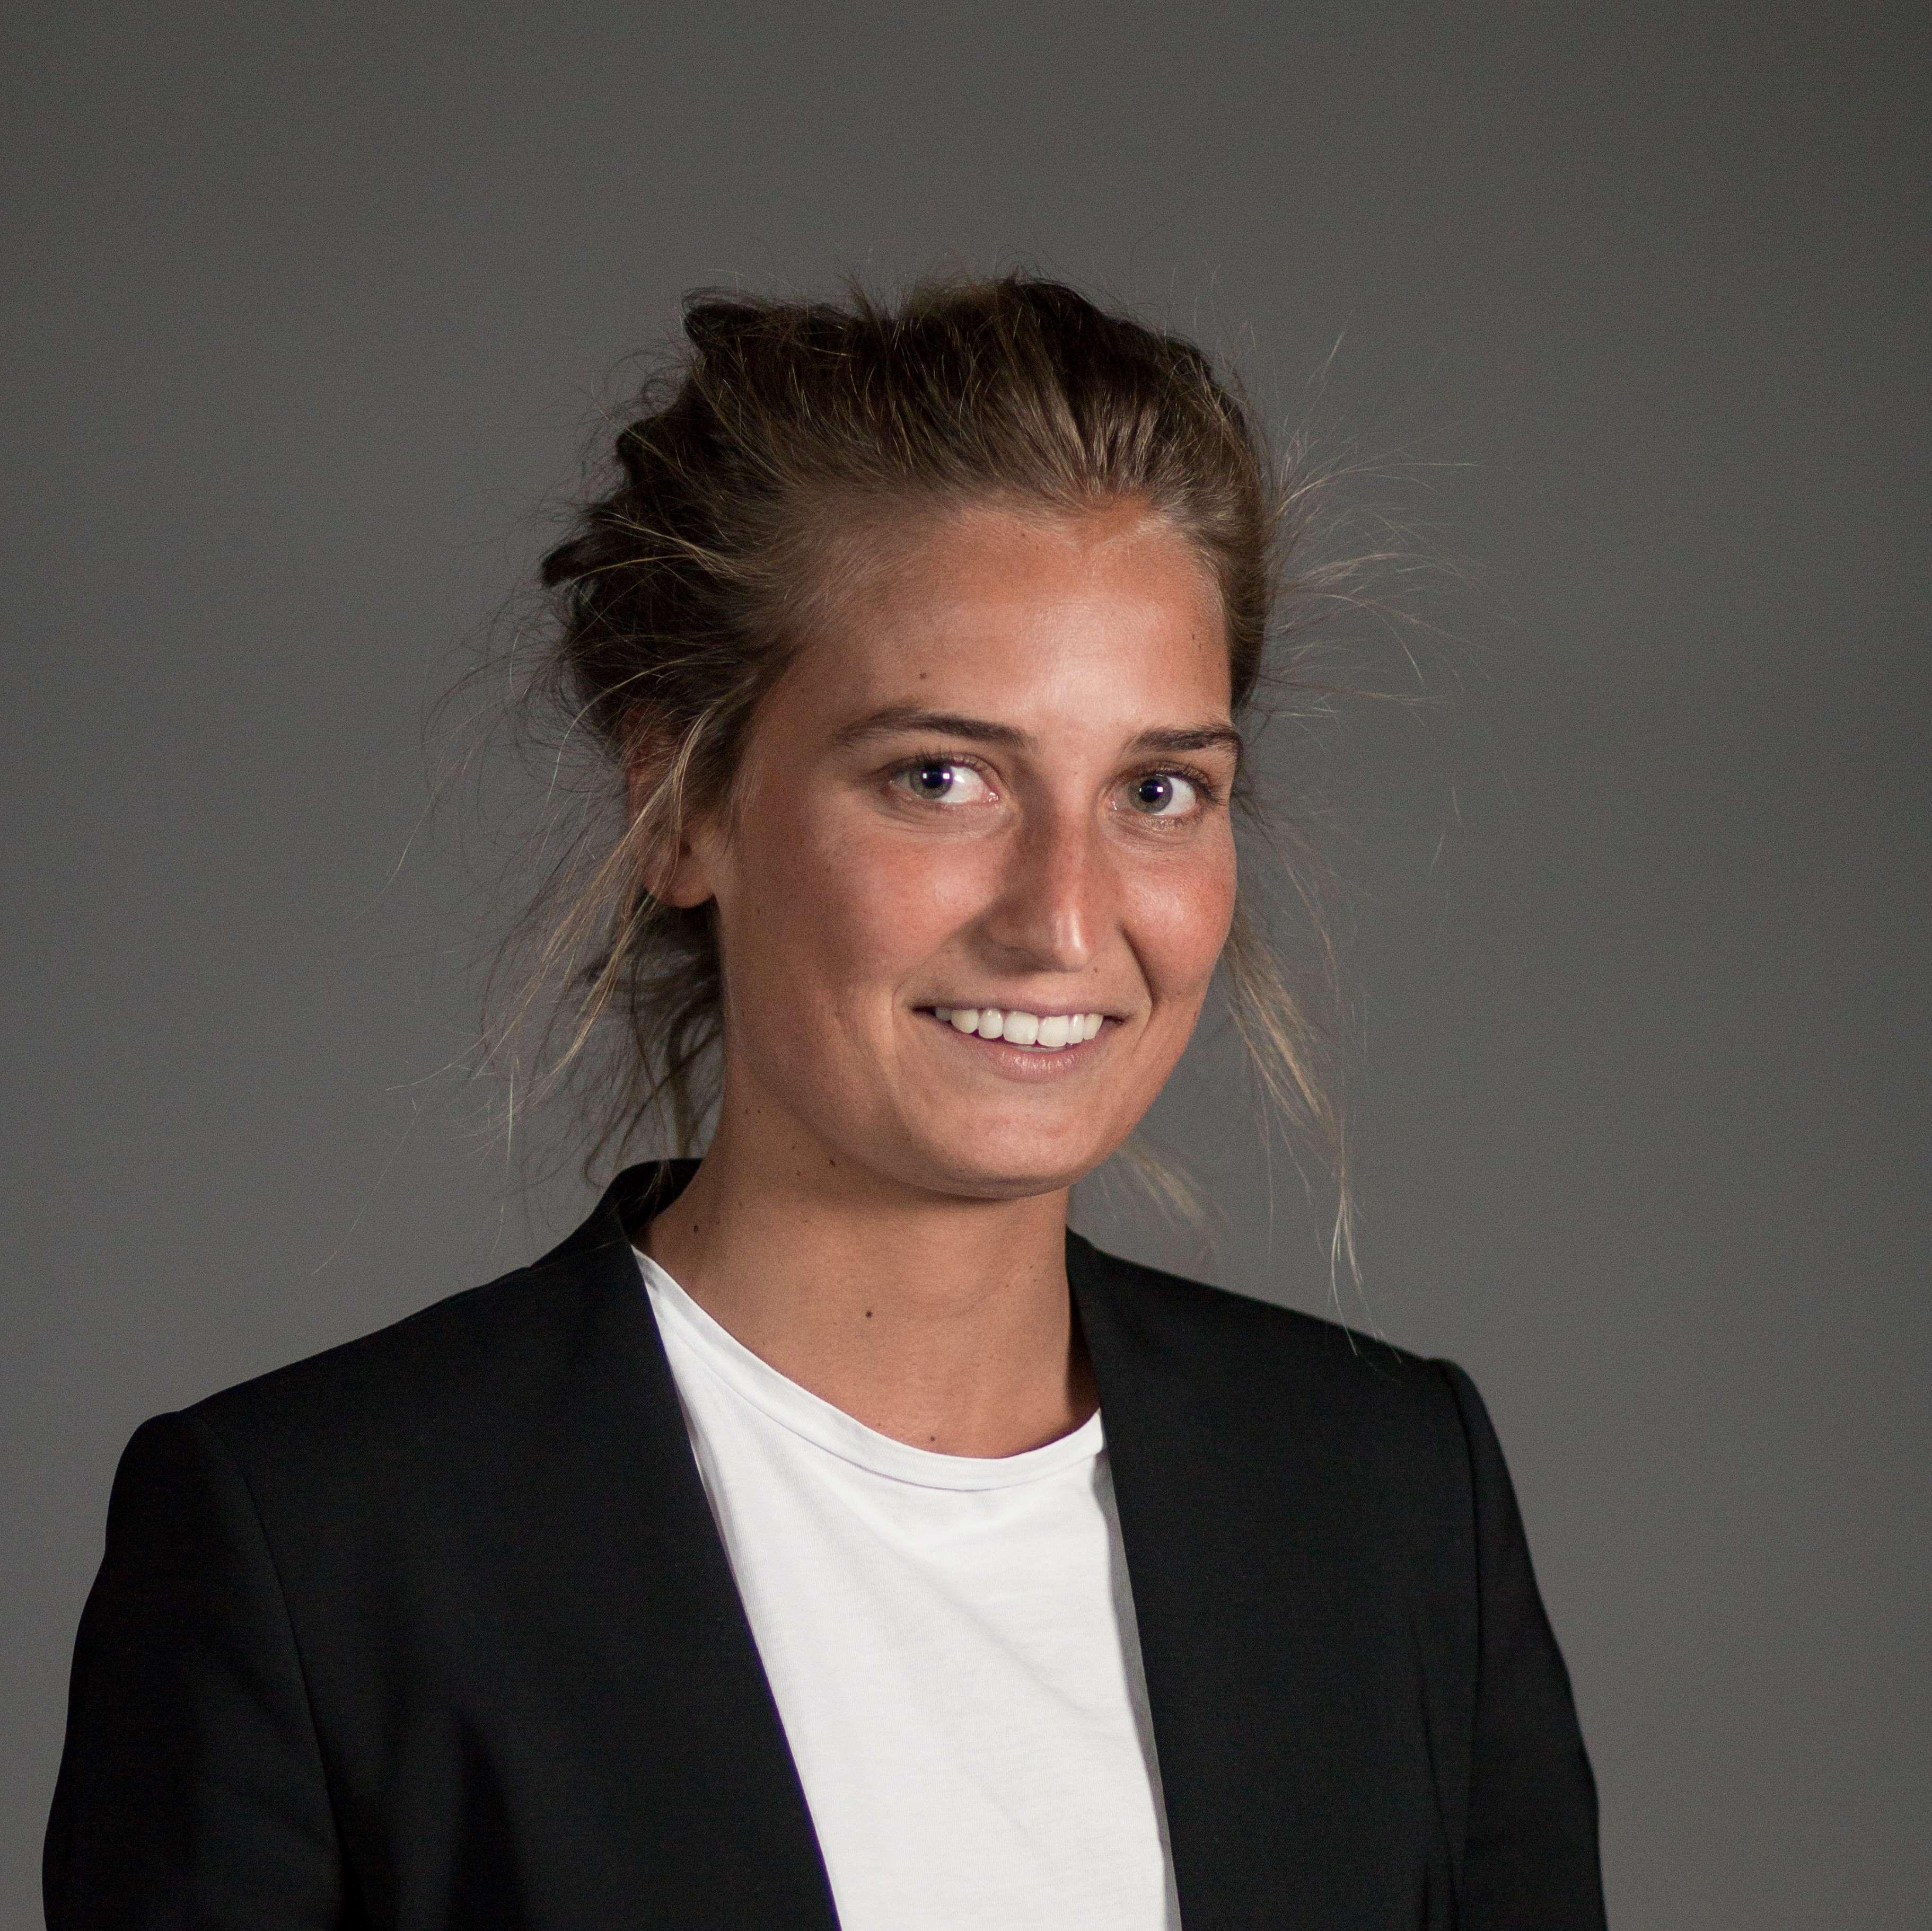 Carina Richenberger